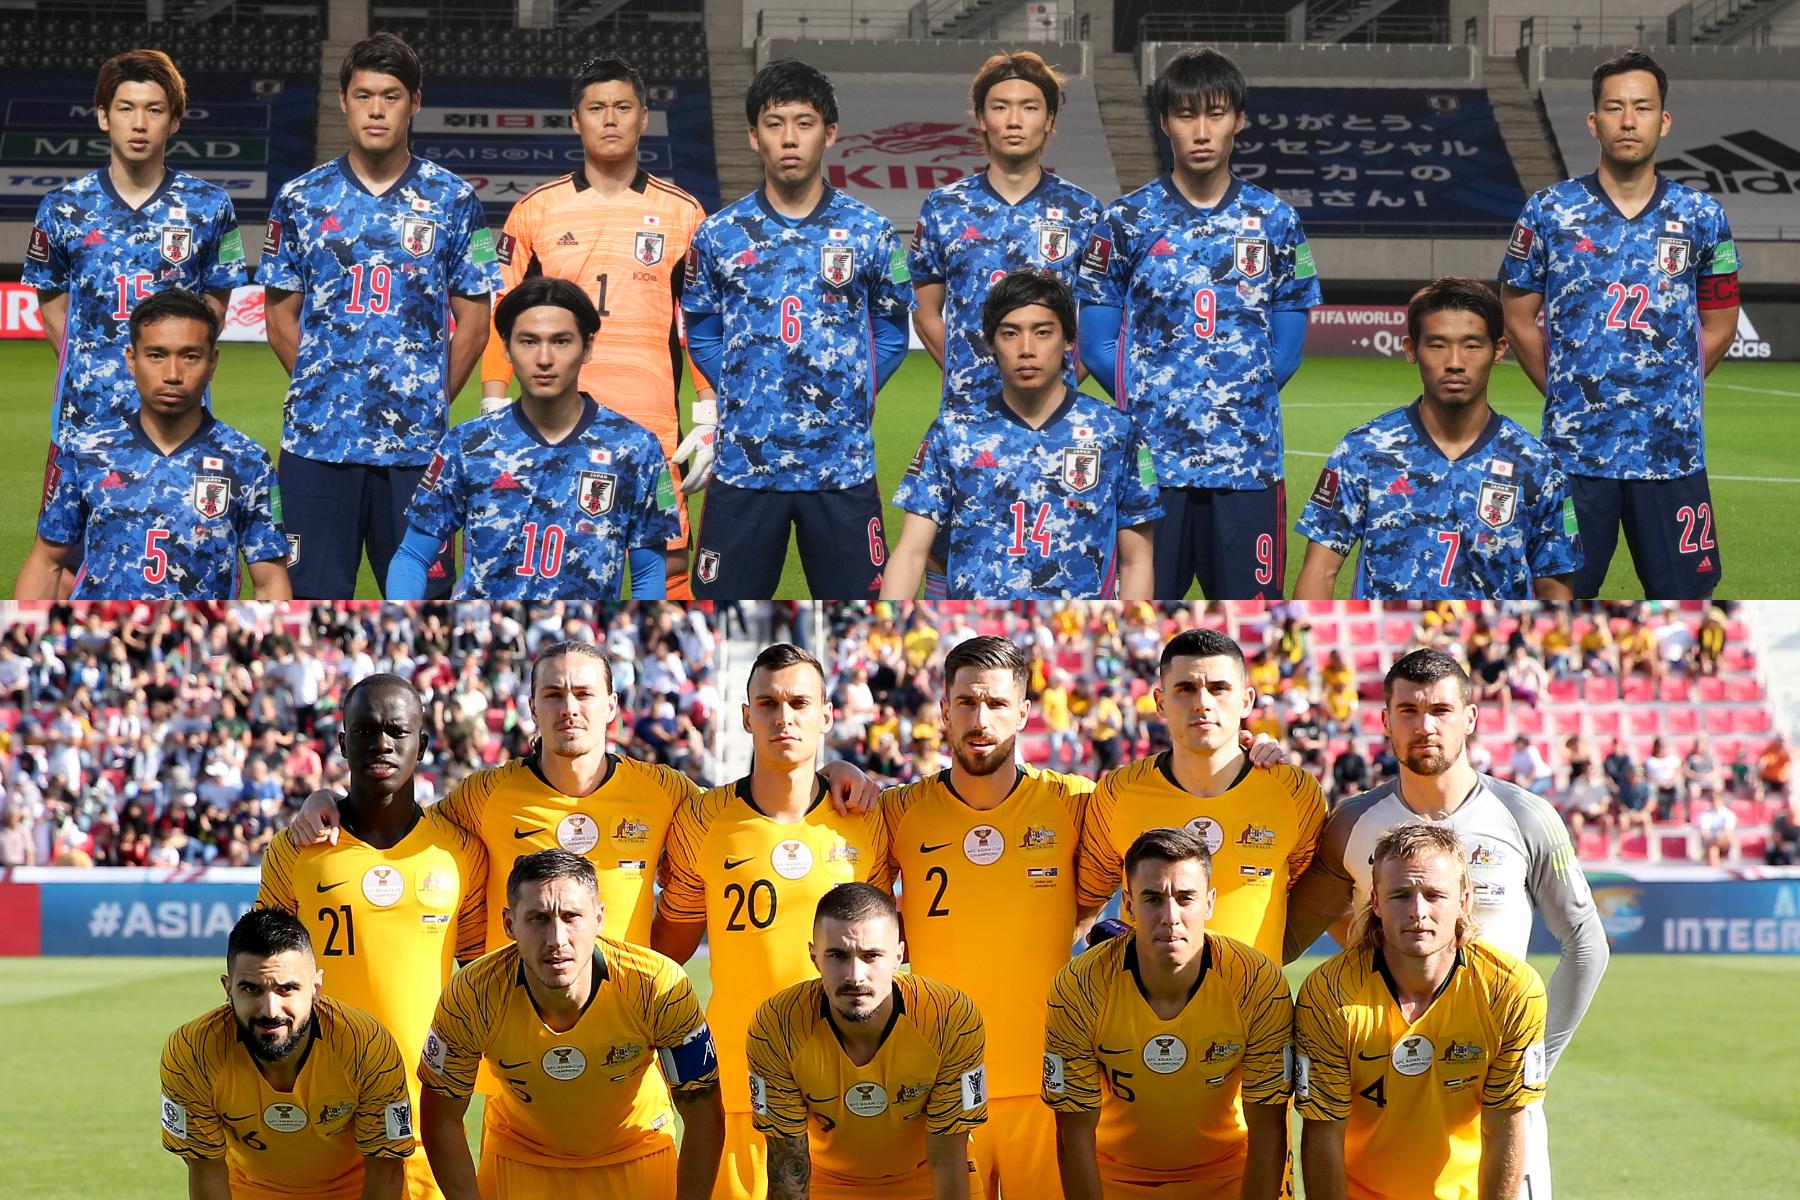 ワールドカップへの切符を争う日本代表とオーストラリア代表【写真:Getty Images & ⓒJFA】